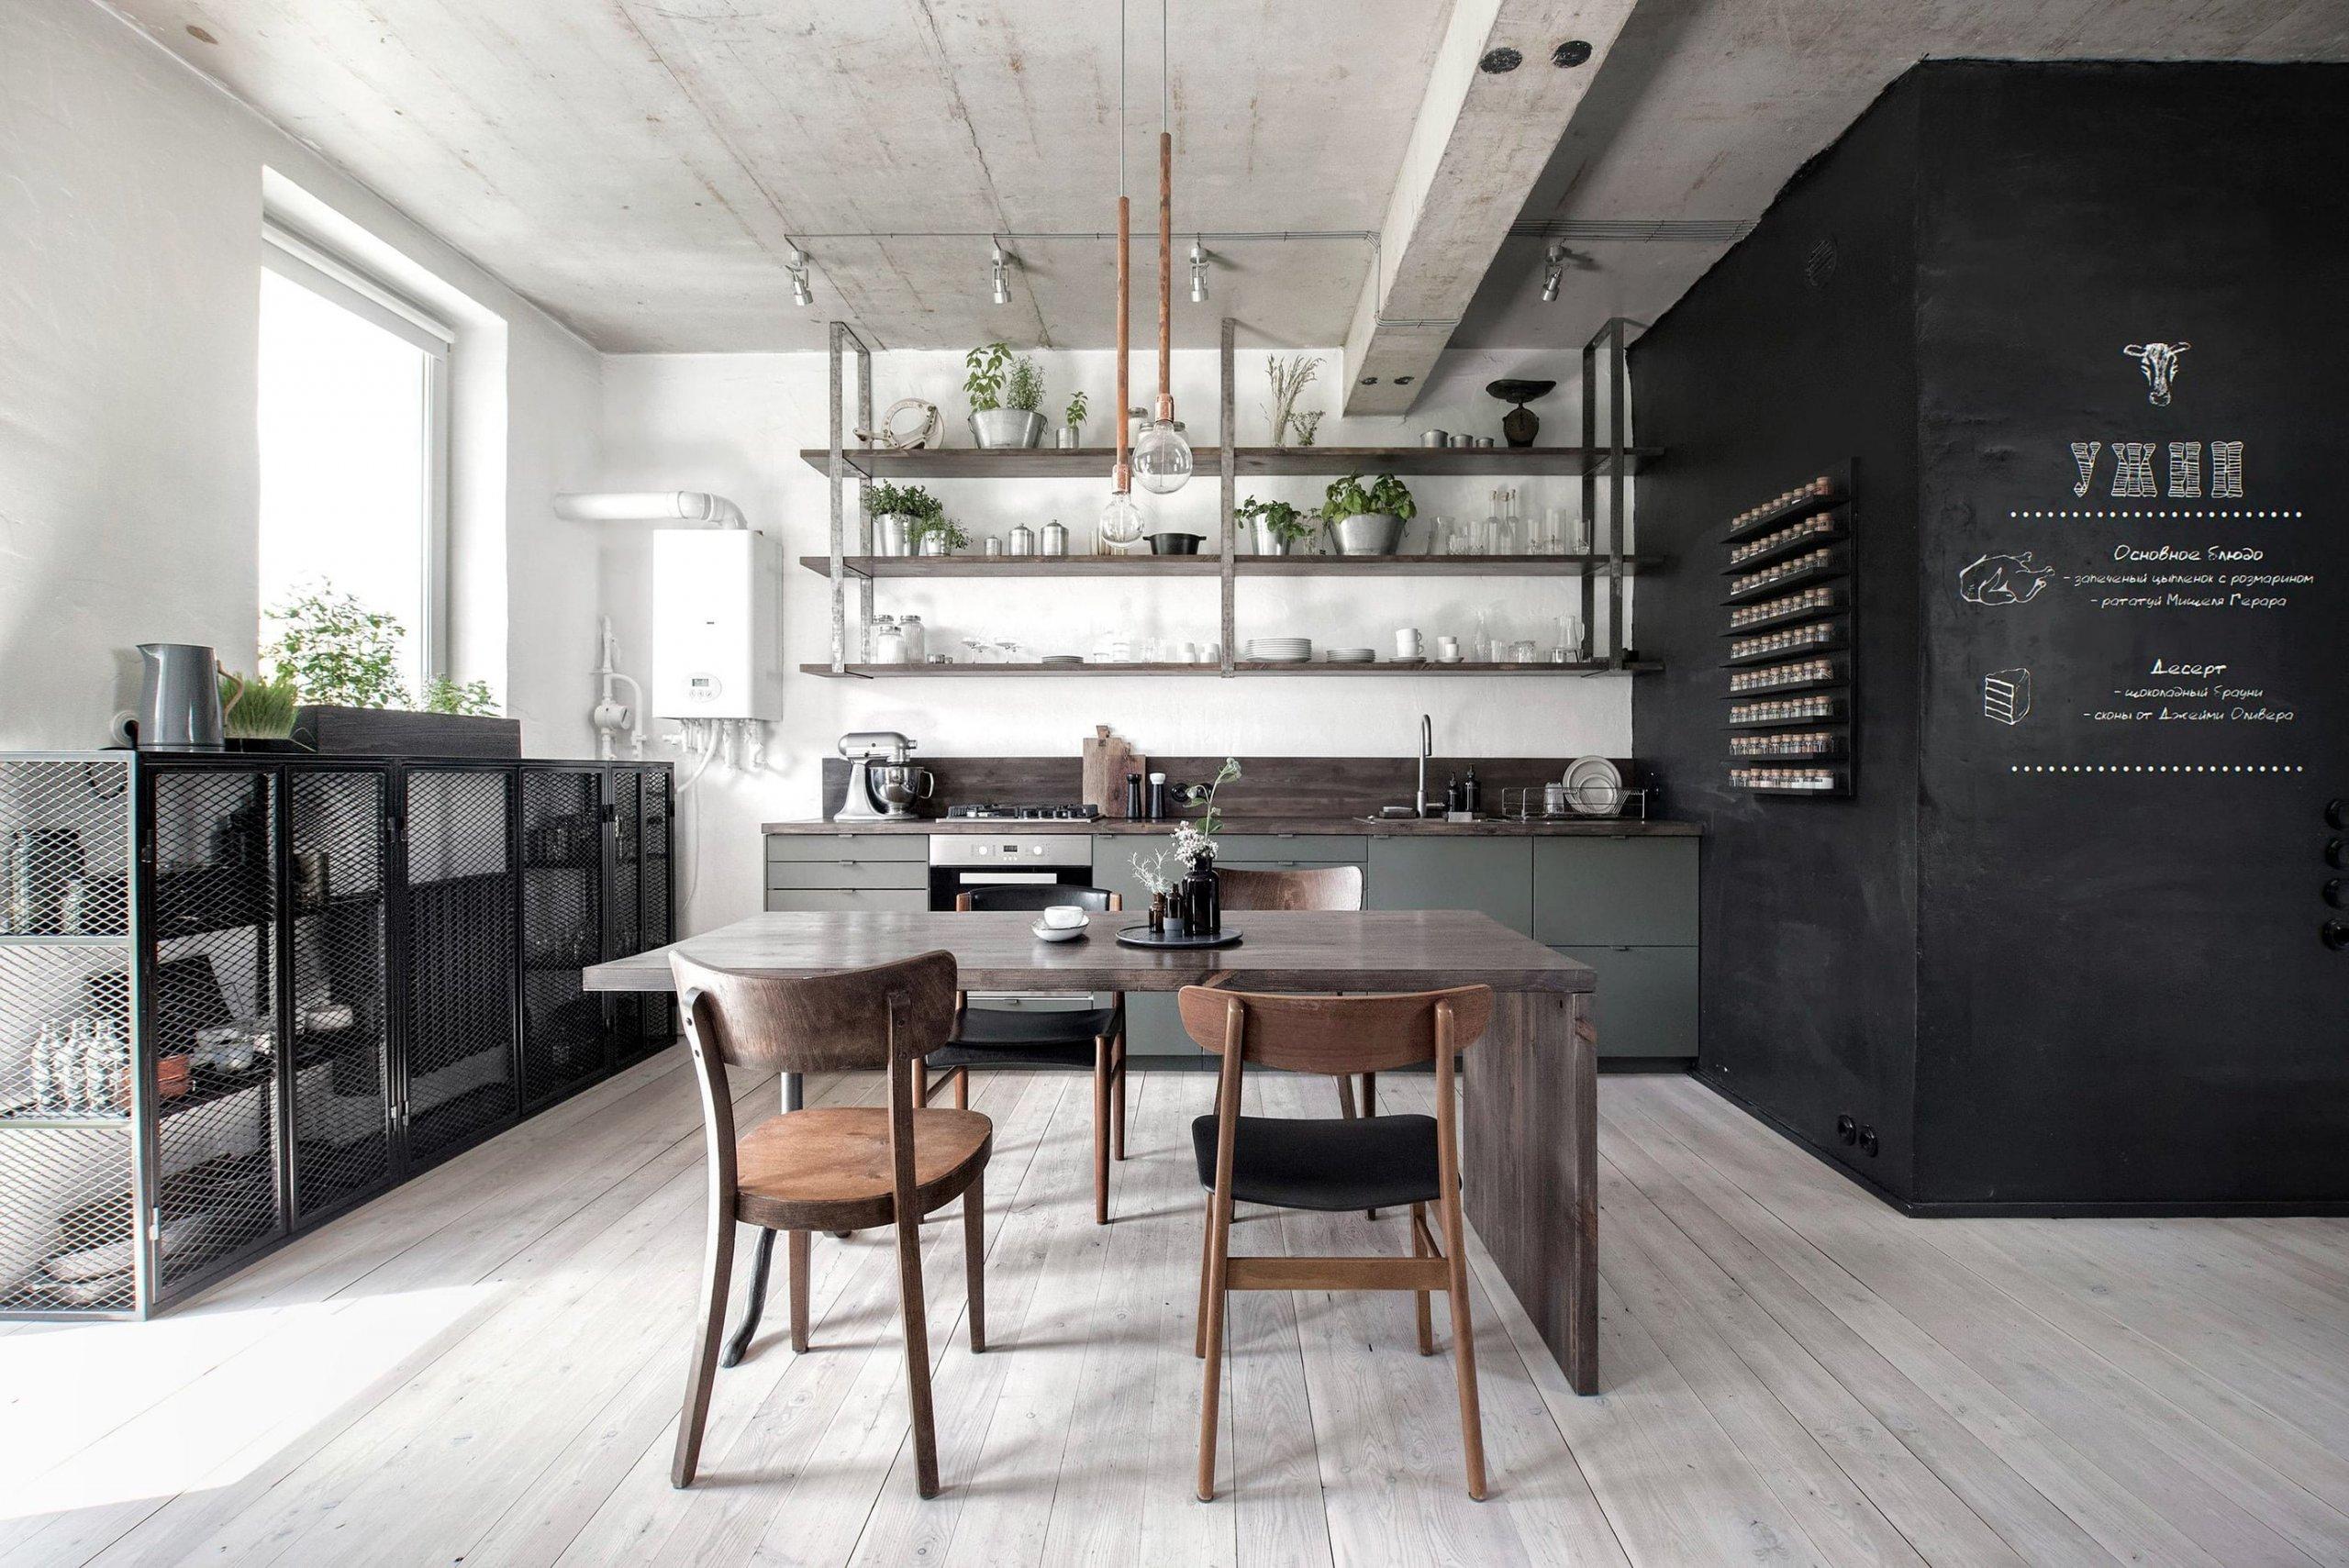 Když architekt zařizuje interiér domova se zcela jasnou vidinou toho, jak má vypadat, jde práce hezky od ruky. Důkazem je i interiér tohoto dvoupodlažního bytu, který se nese v kouzelné kombinaci černé a bílé barvy.